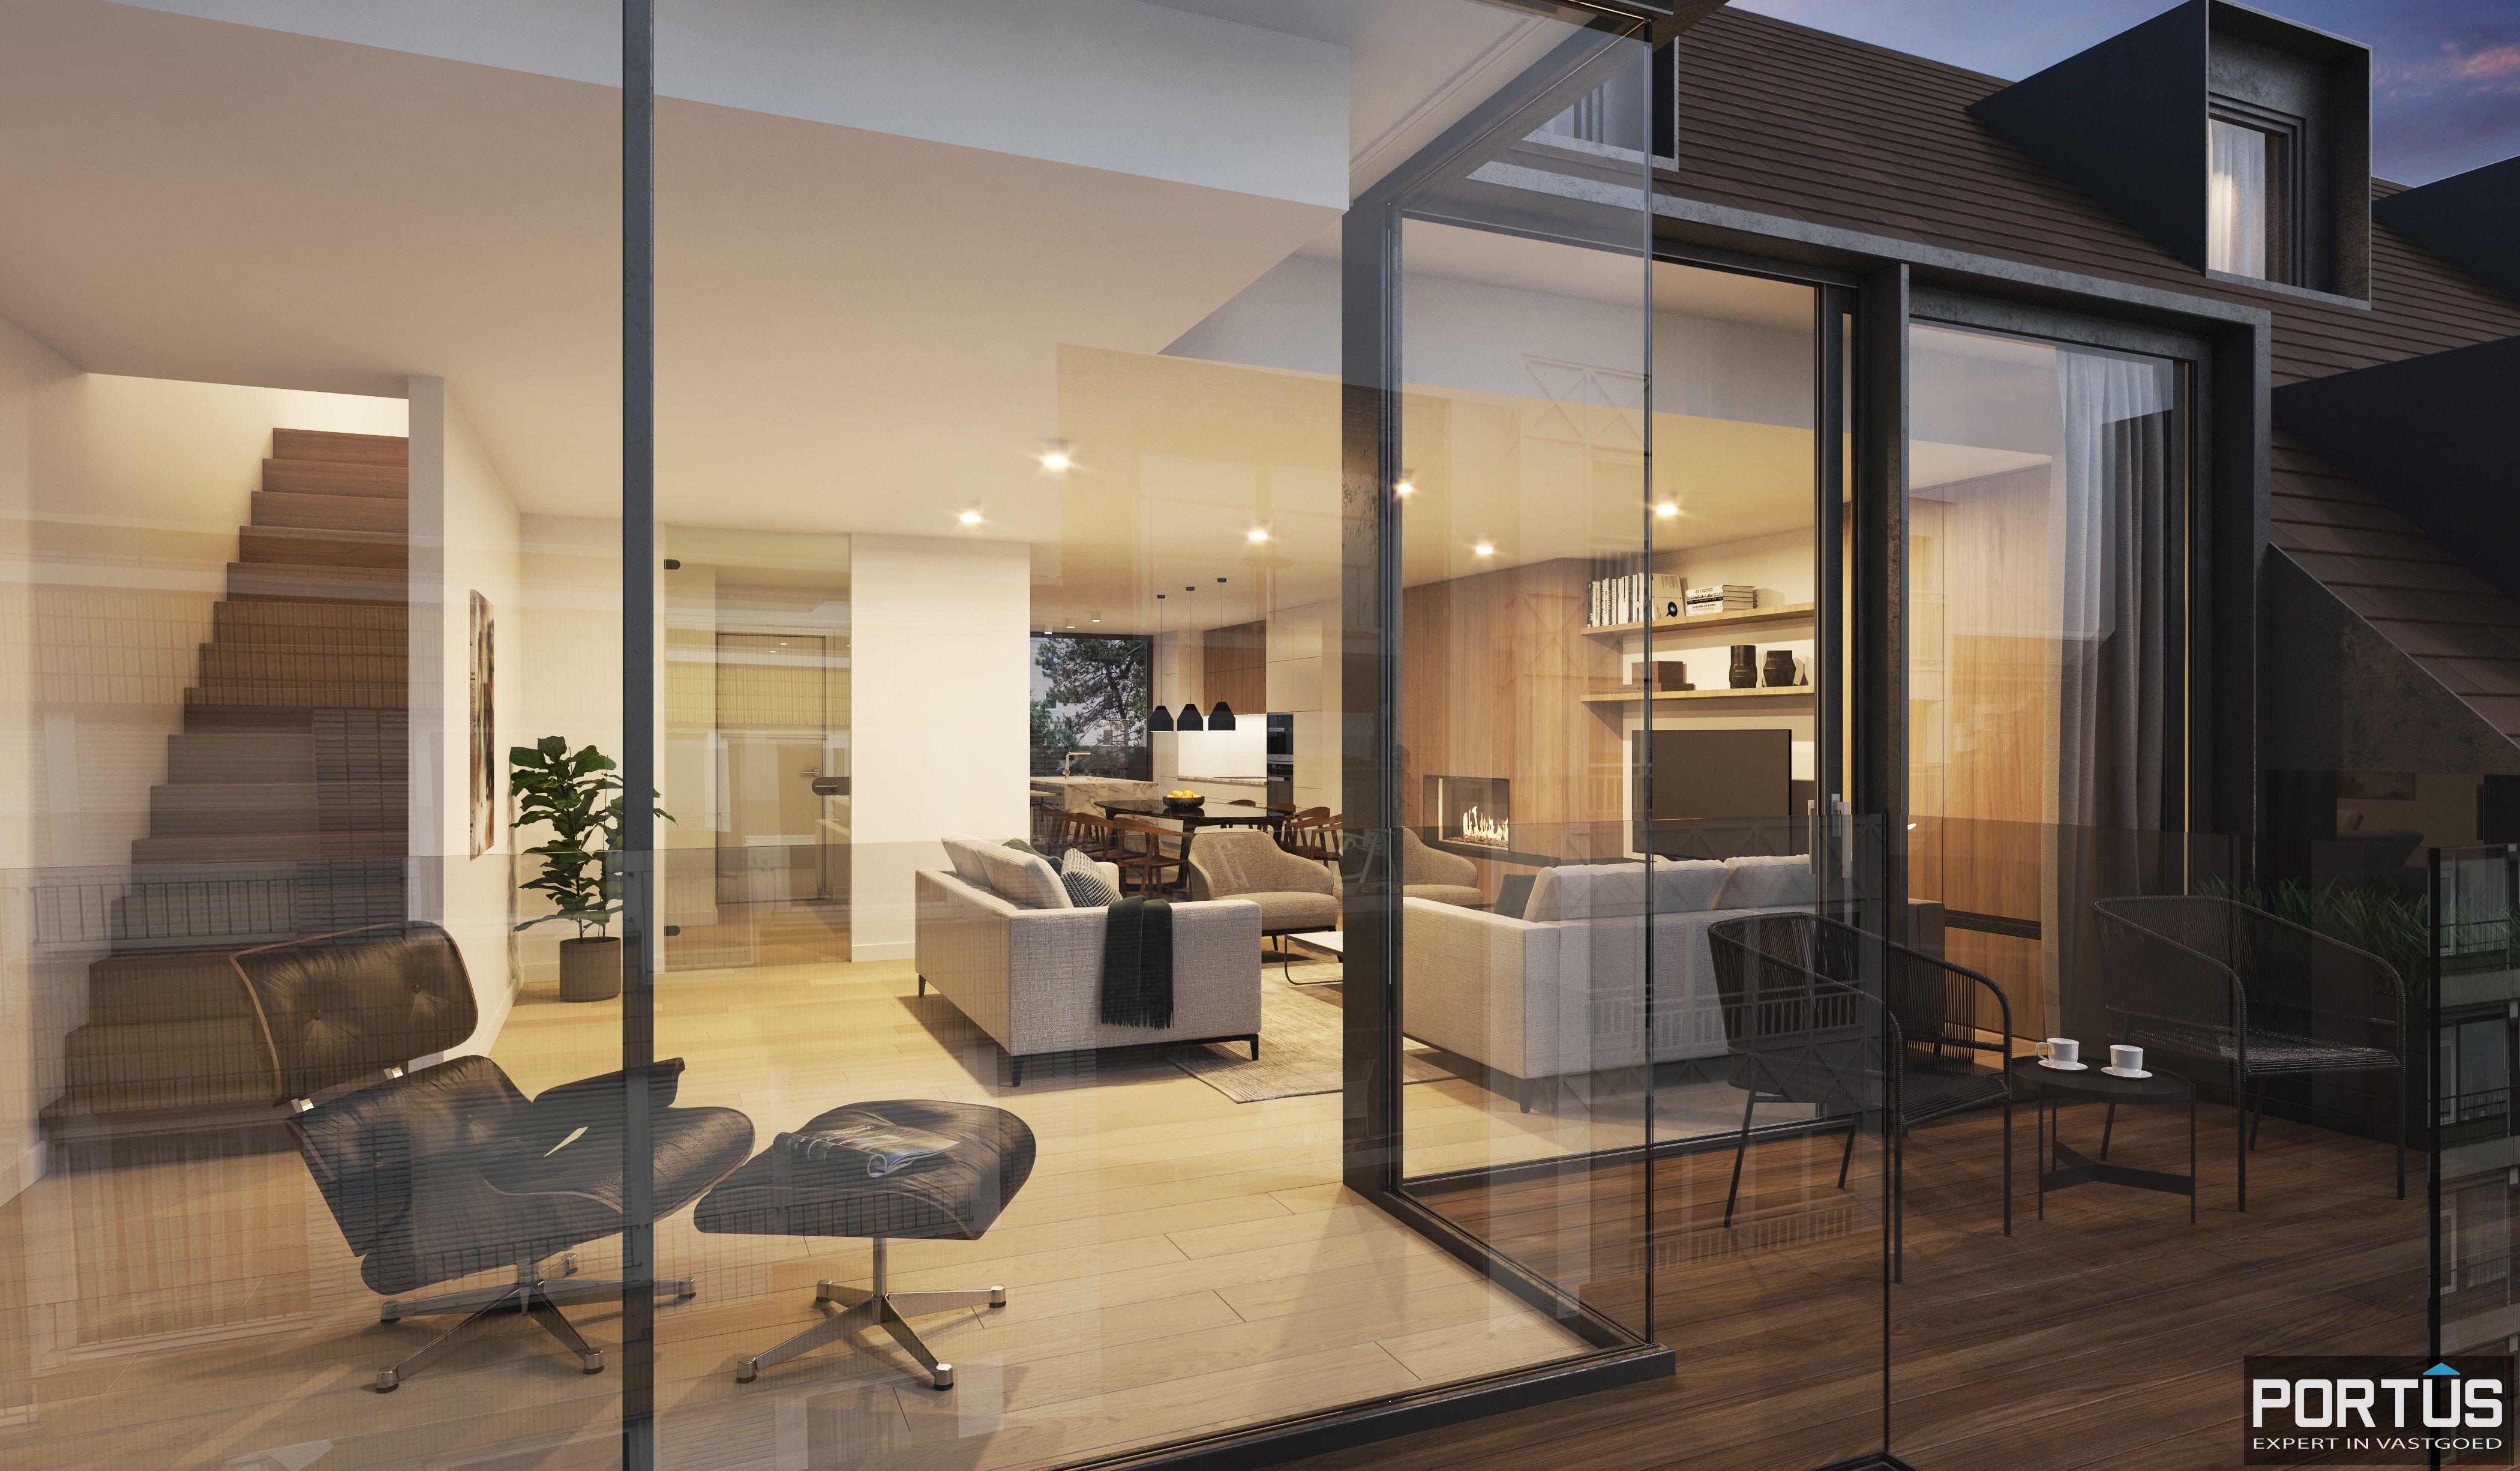 Duplex-appartement met 2 slaapkamers - 9033